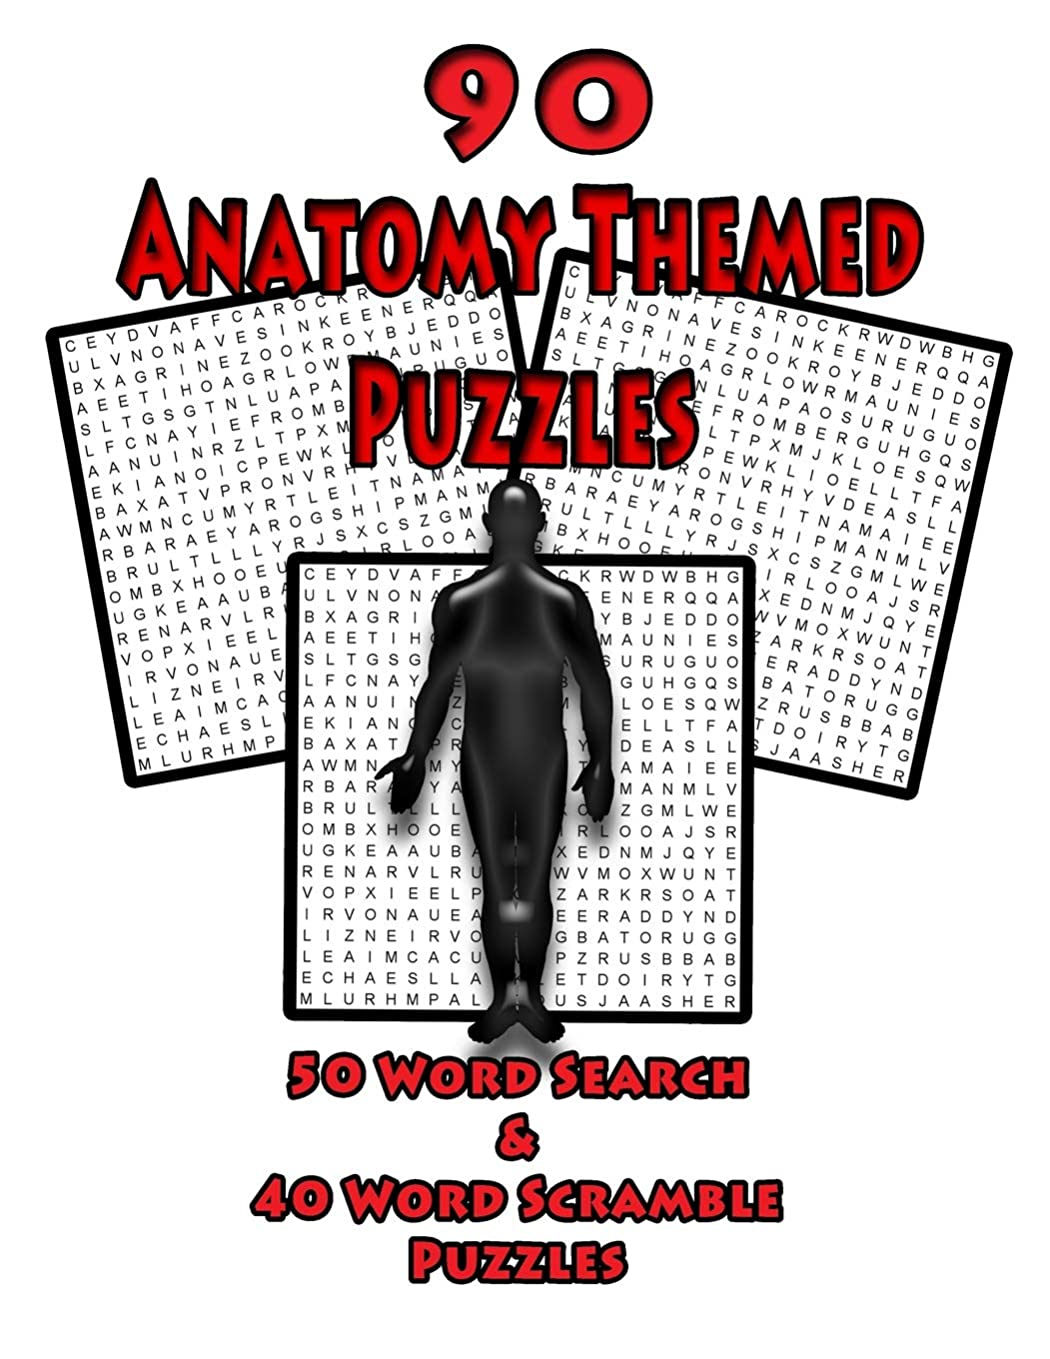 年金領域大きなスケールで見ると90 Anatomy Themed Puzzles: 50 Word Search Puzzles And 40 Word Scramble Puzzles For Anatomy Students, Doctors, Nurses and Puzzle Lovers Of All Types, Large 8.5 x 11 Puzzle Book (On Target Puzzles)